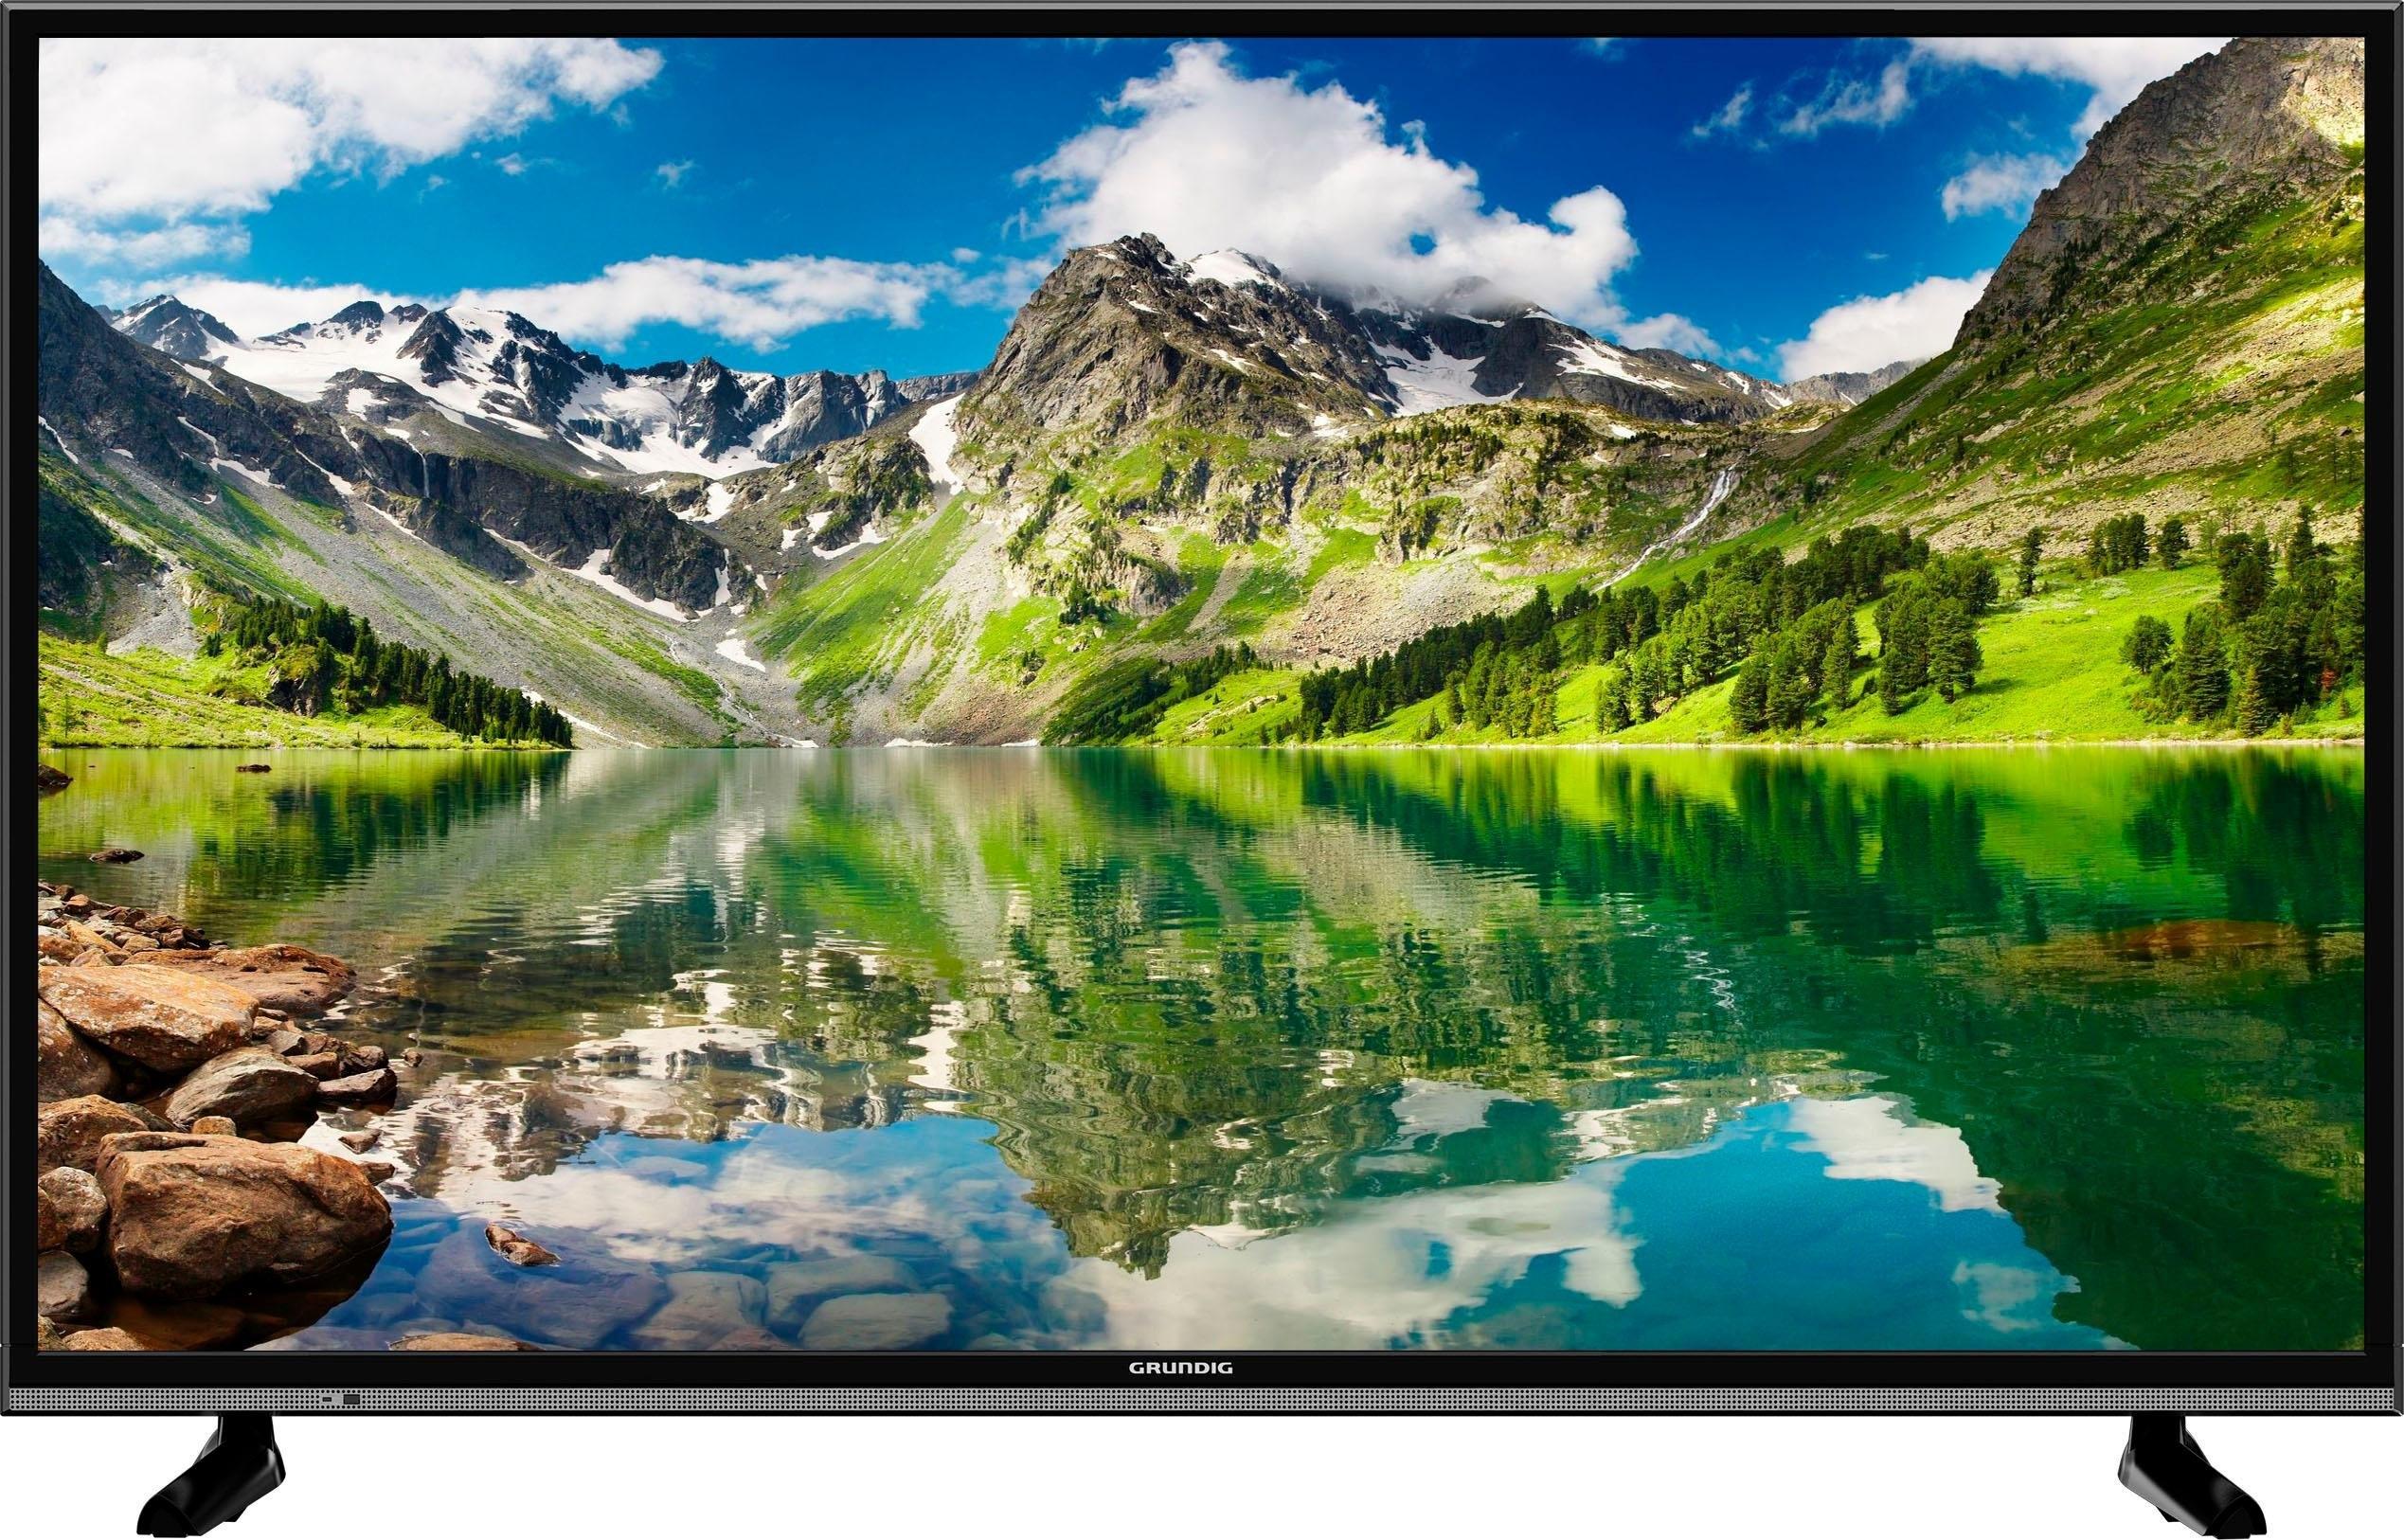 Grundig 43 VLX 8000 BP led-tv (43 inch), smart-tv bestellen: 14 dagen bedenktijd